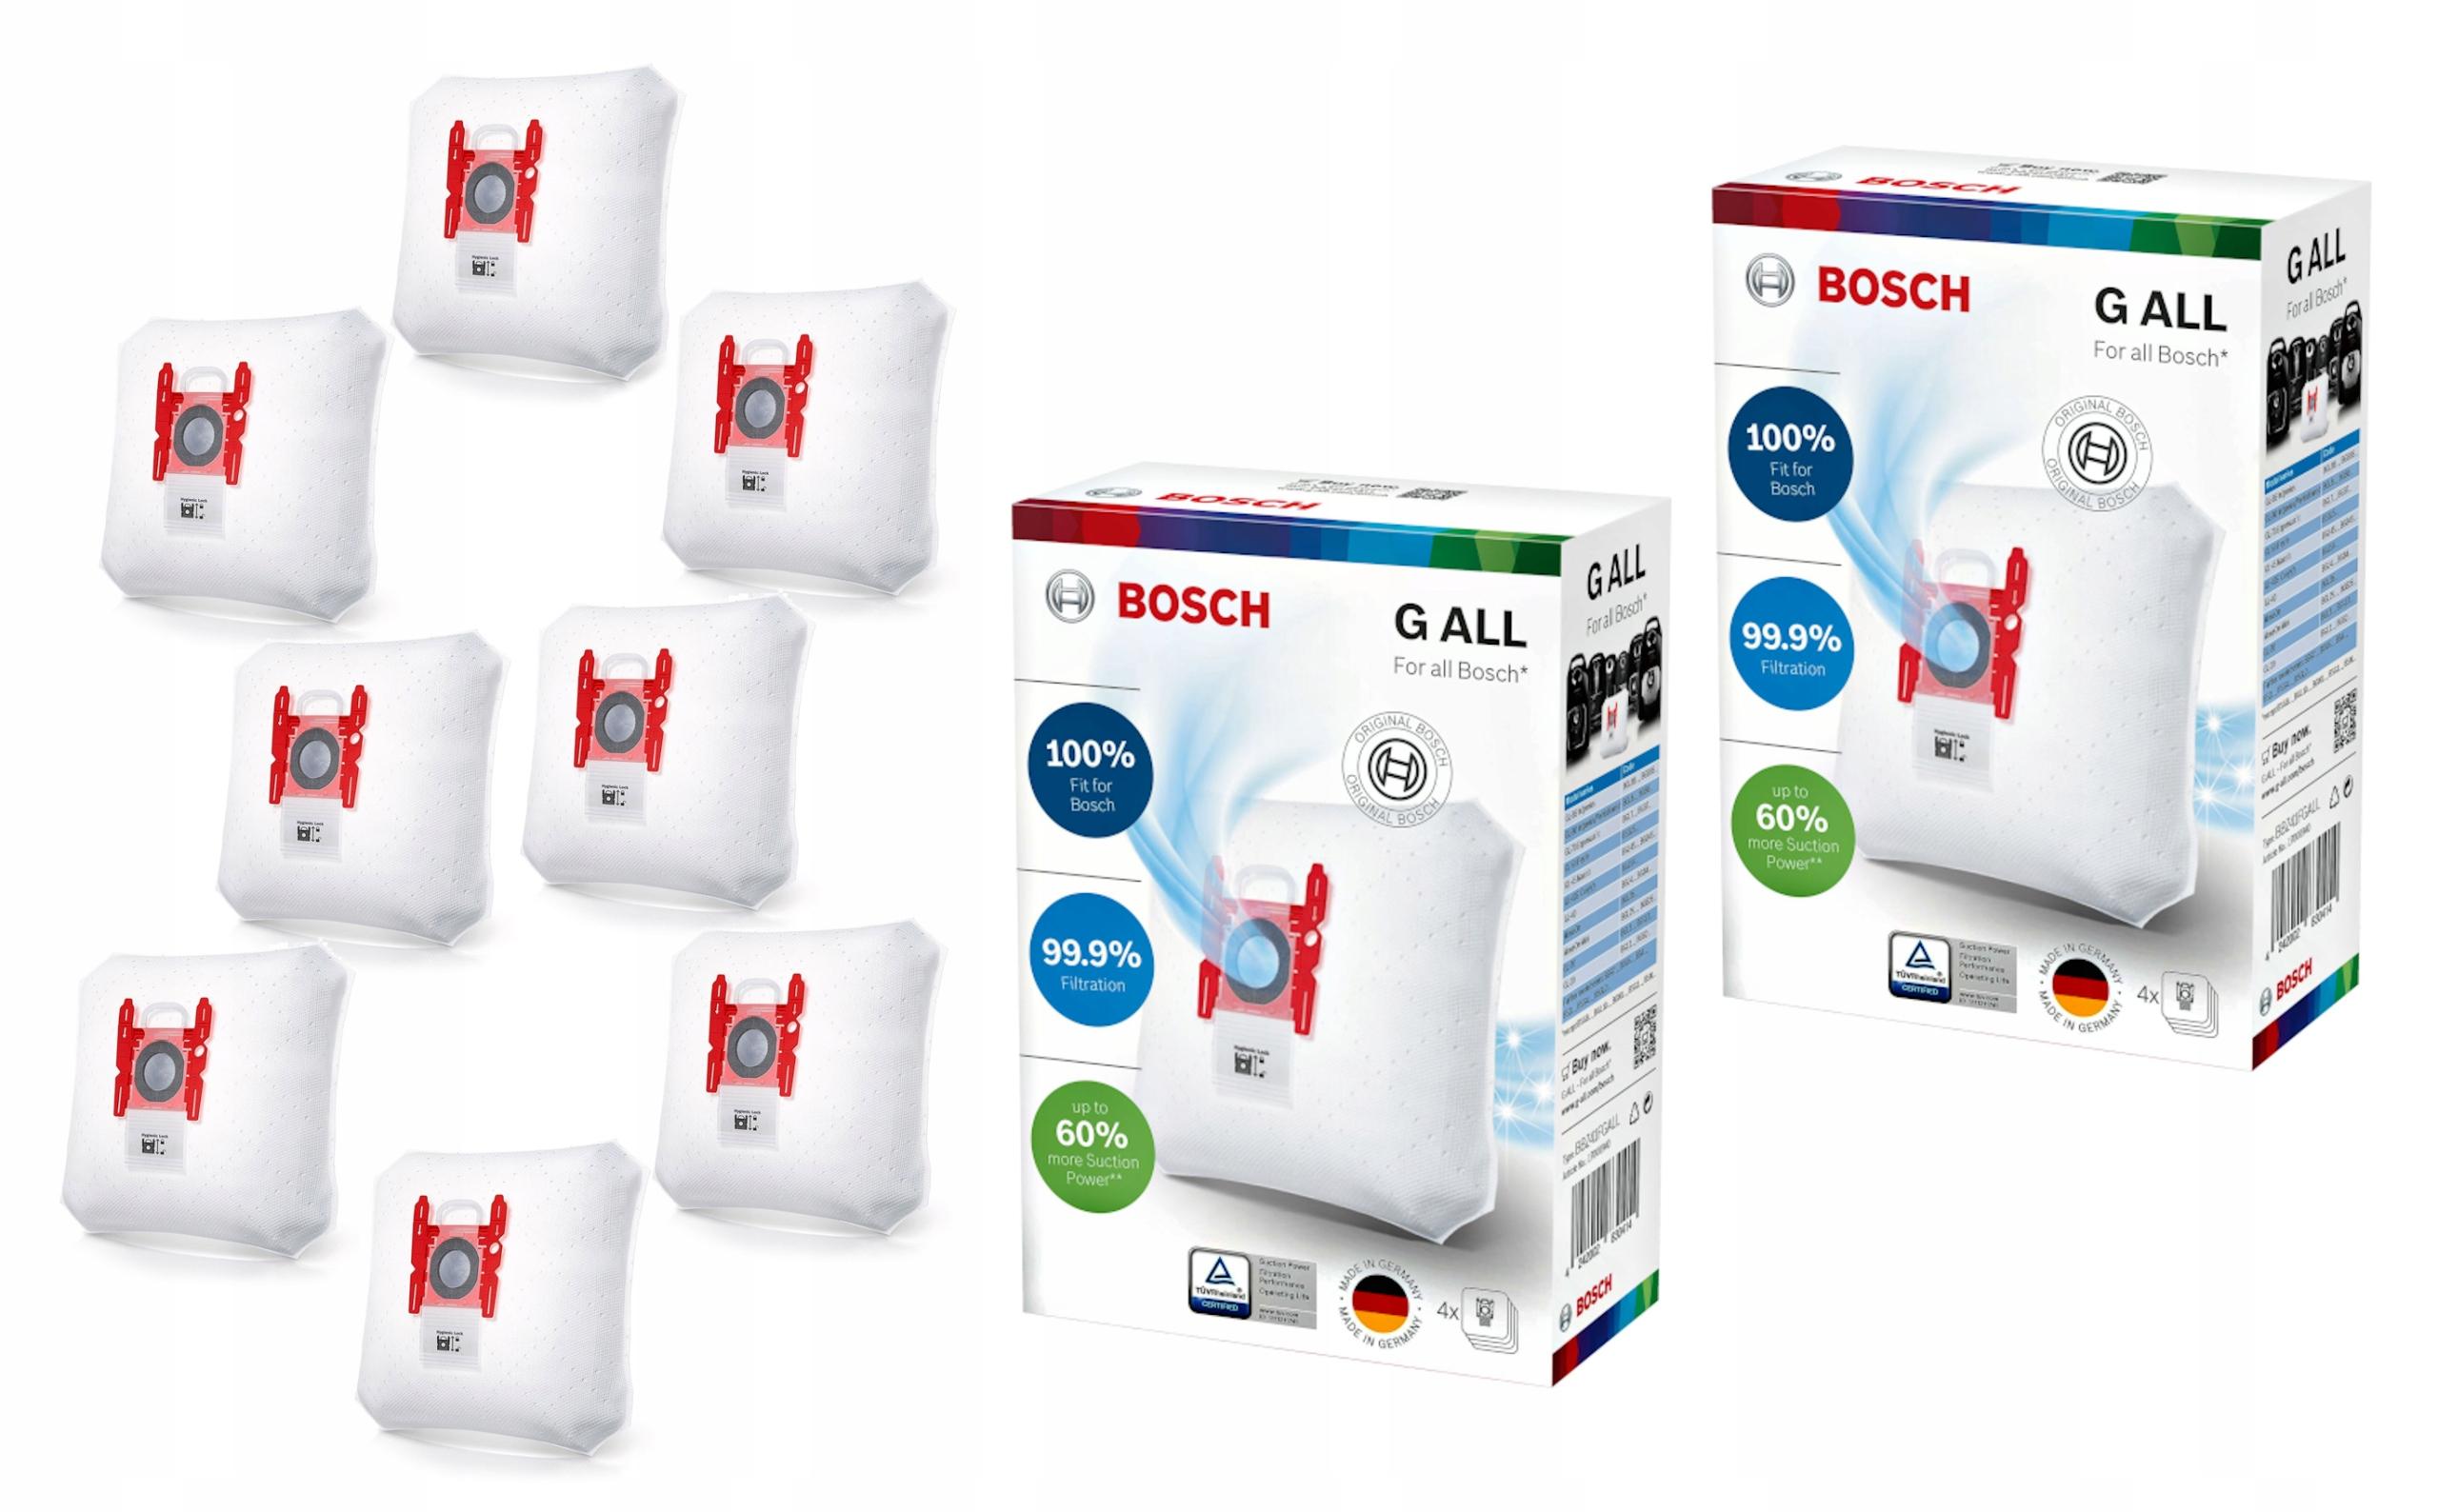 Vrecká do vysávačov Bosch G ALL BBZ41FGALL 8ks